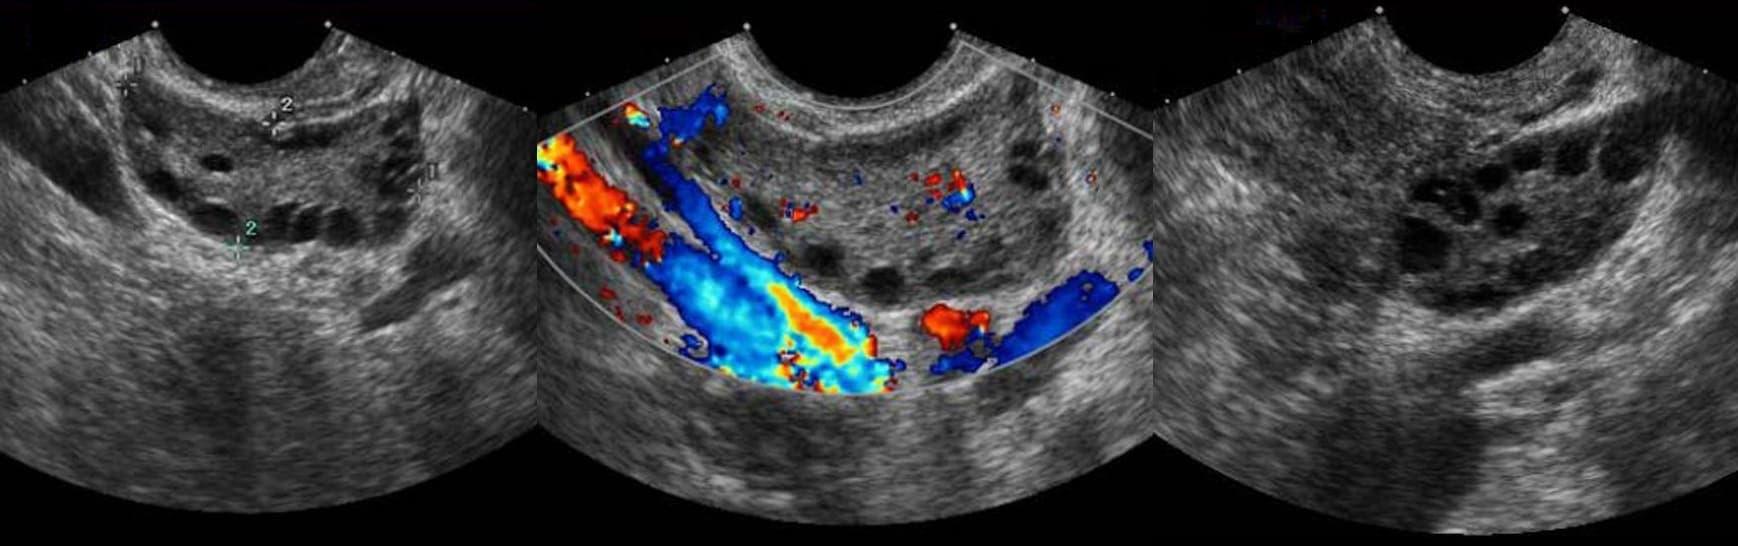 На УЗИ при склерокистозе яичников определяется появление мелких полостей диаметром до 1 см